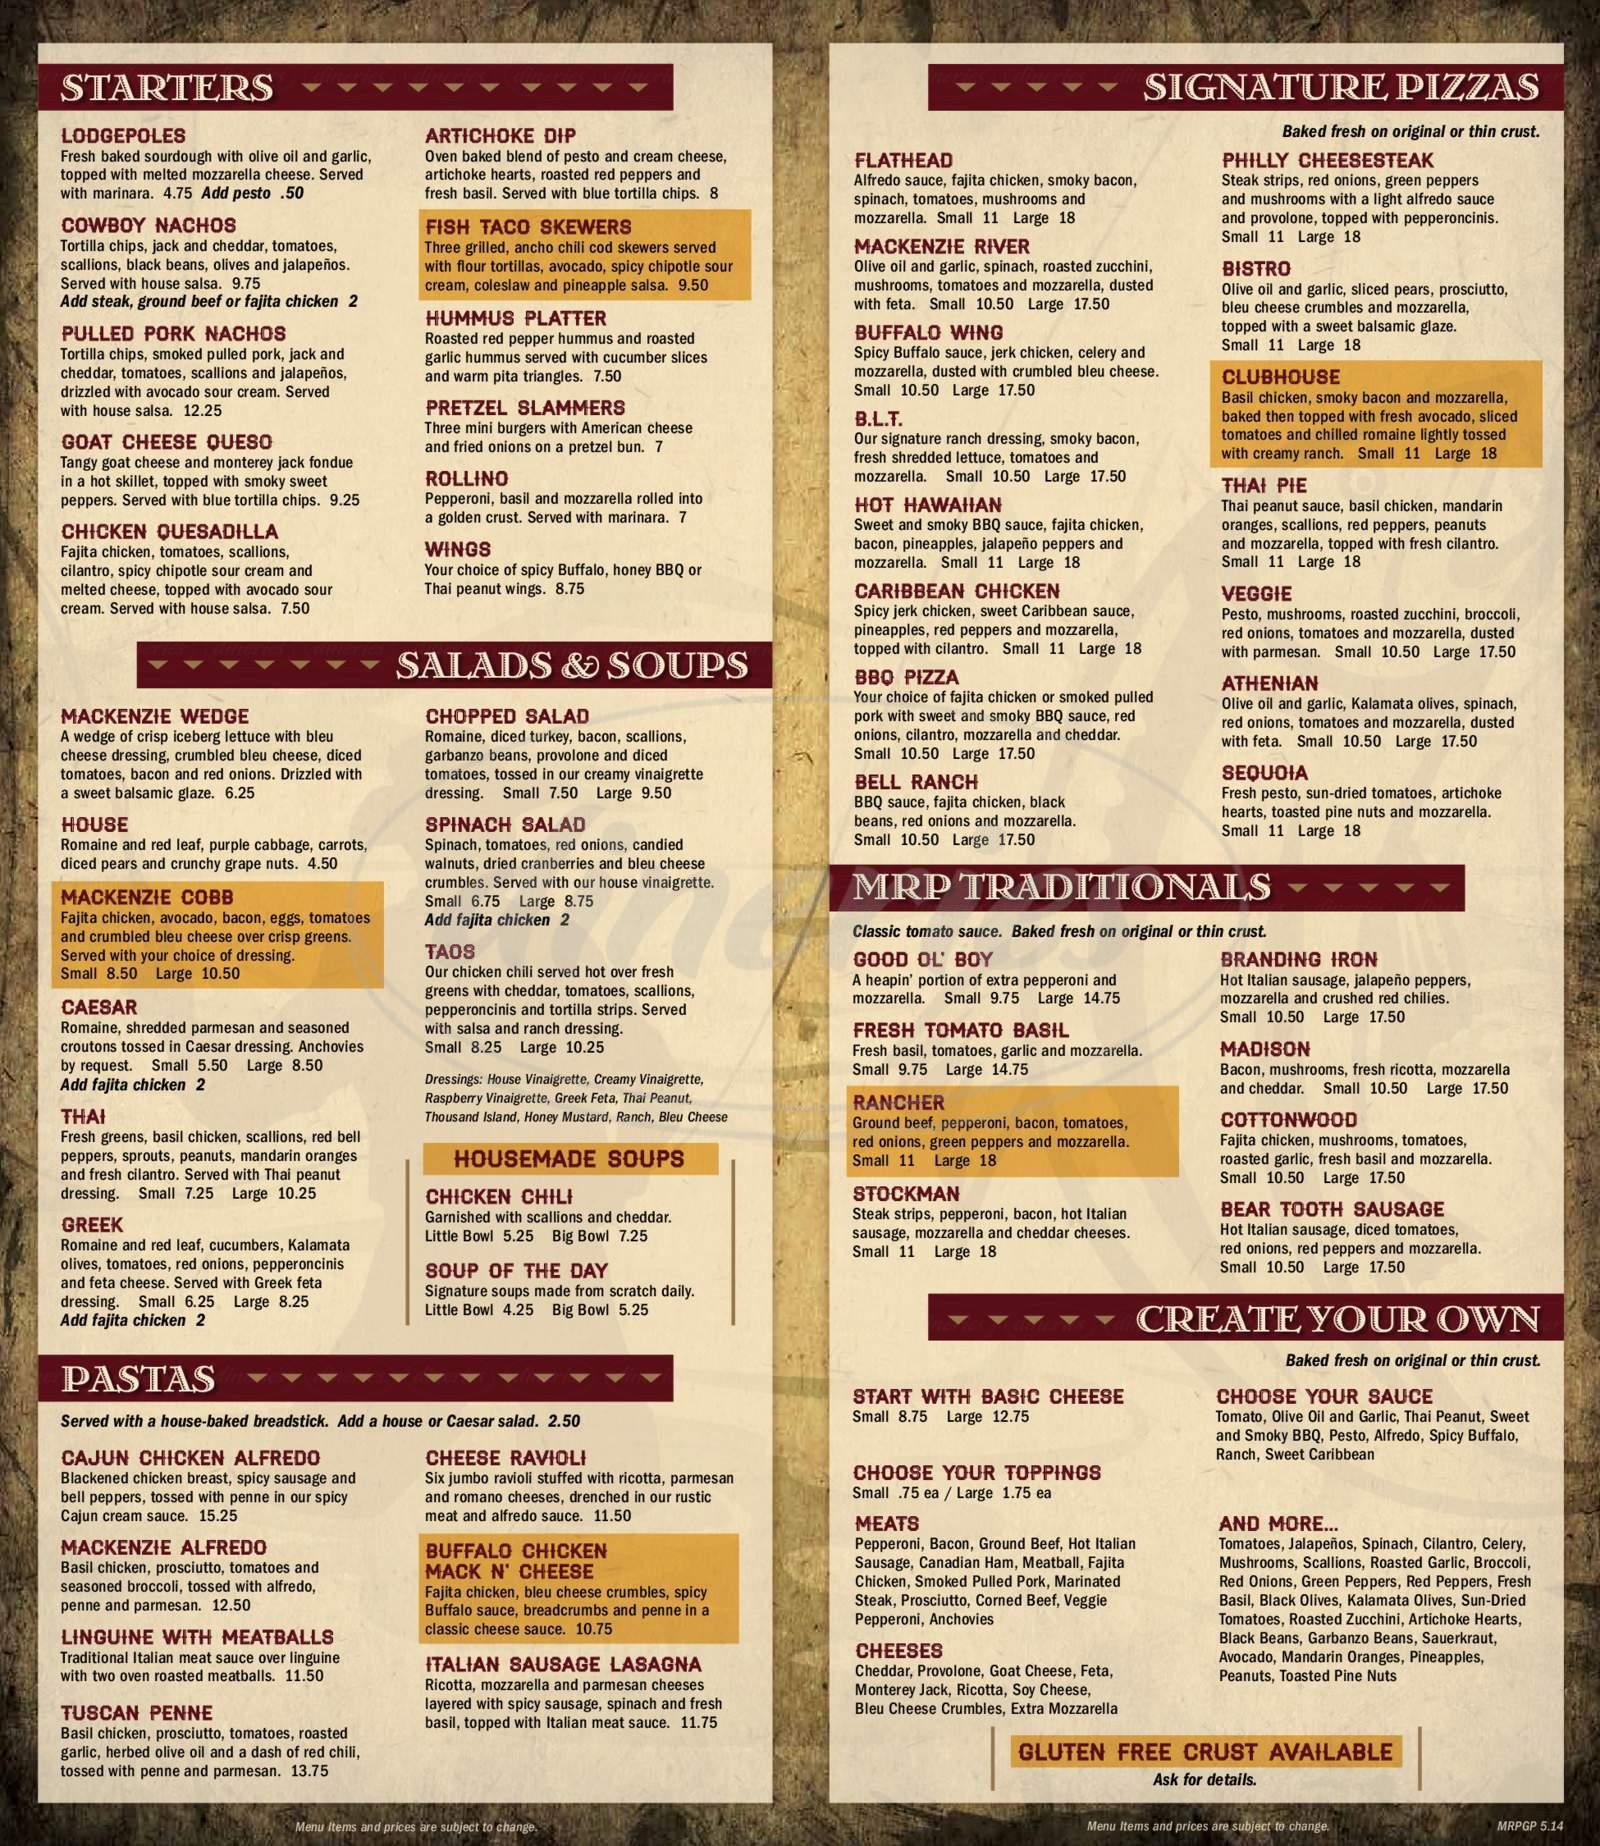 menu for MacKenzie River Pizza, Grill & Pub